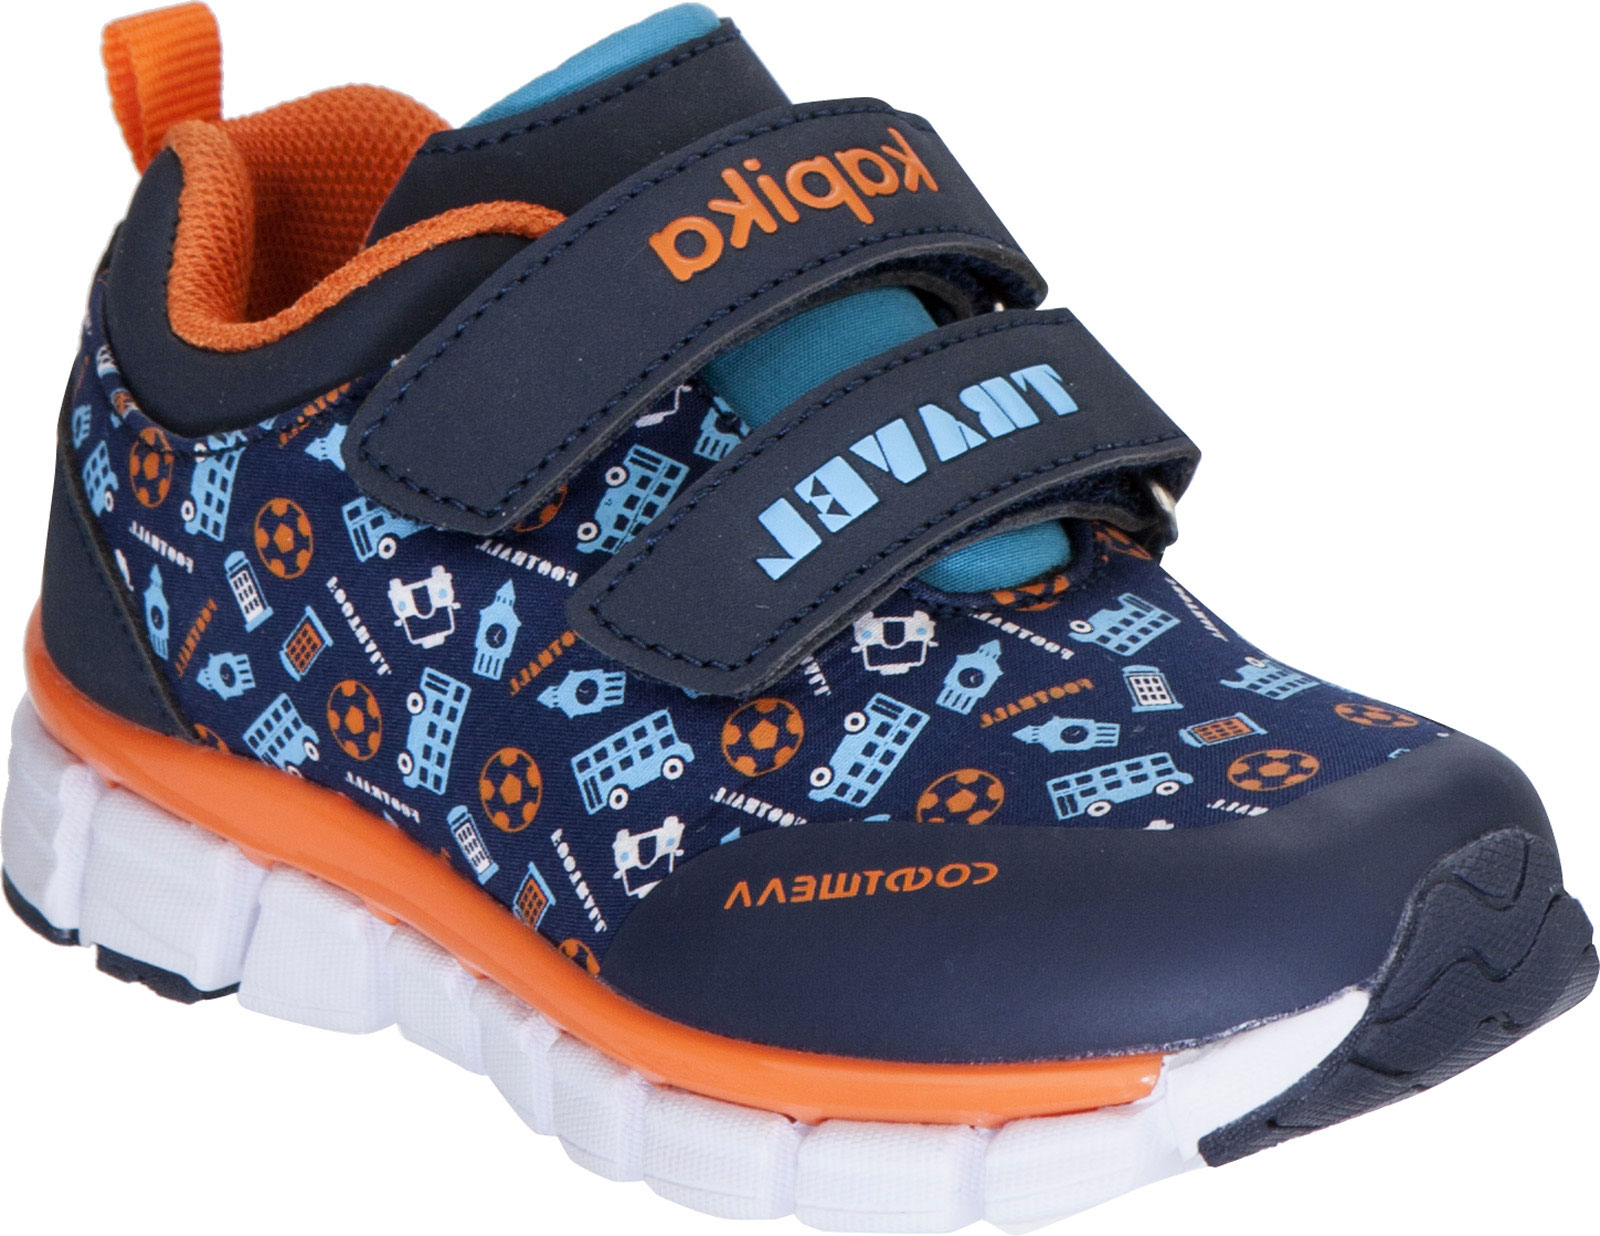 Кроссовки для мальчика Kapika, цвет: темно-синий, оранжевый. 71094. Размер 2471094Кроссовки от Kapika займут достойное место в гардеробе вашего ребенка! Модель изготовлена из текстиля и искусственной кожи. Хлястики на липучках, обеспечивают надежную фиксацию обуви на ноге. Внутренняя поверхность из текстиля, обеспечивает комфорт и предотвращает натирание. Стелька из текстиля сохраняет комфортный микроклимат в обуви. Рифленая поверхность подошвы защищает изделие от скольжения. Стильные и в то же время удобные кроссовки - необходимая вещь в гардеробе каждого ребенка.